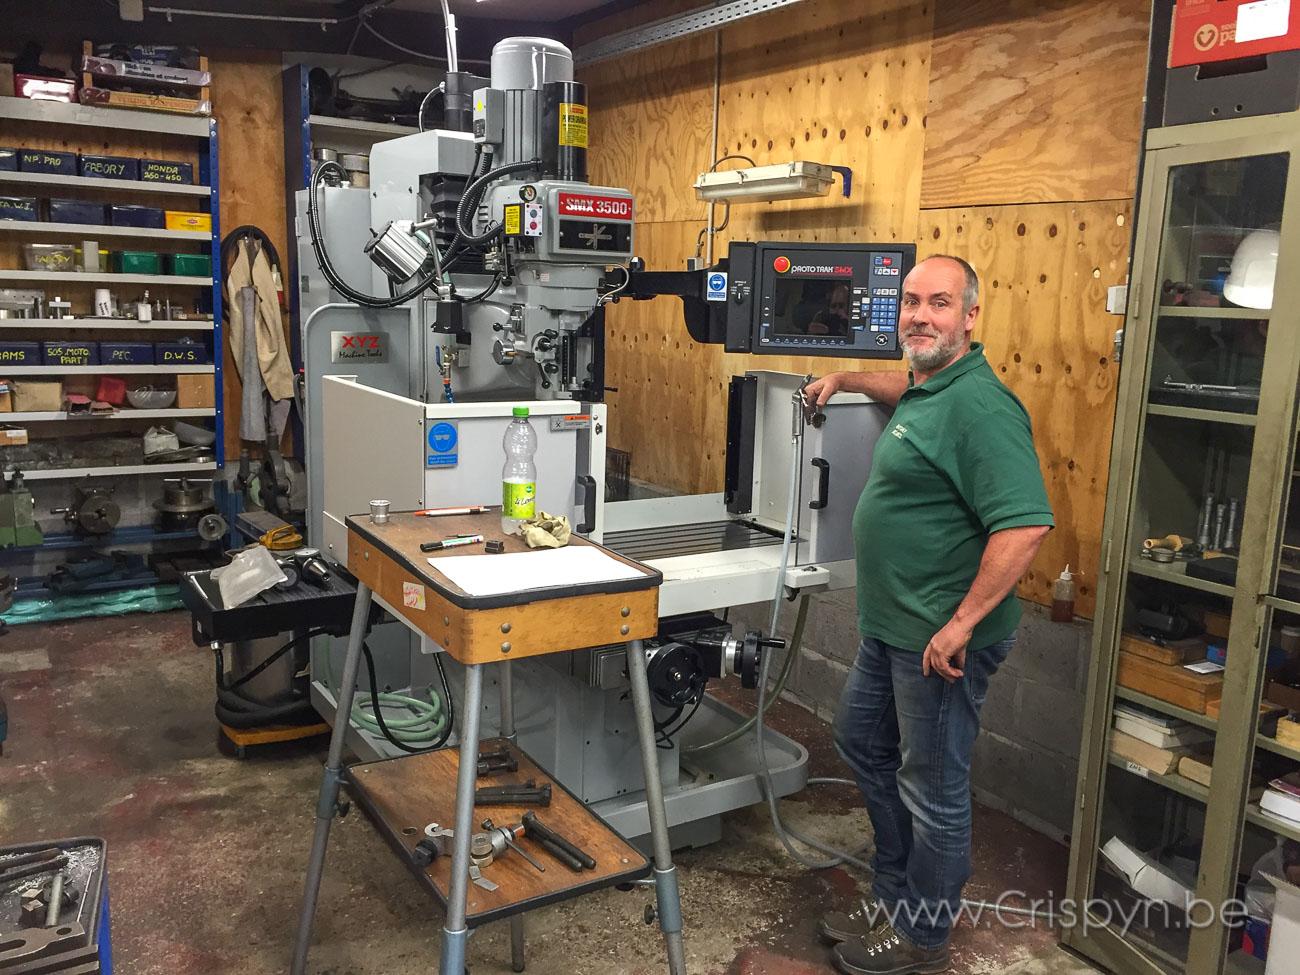 Mayday mechanics levert topkwaliteit draai en freeswerk met de hulp van Prototrak